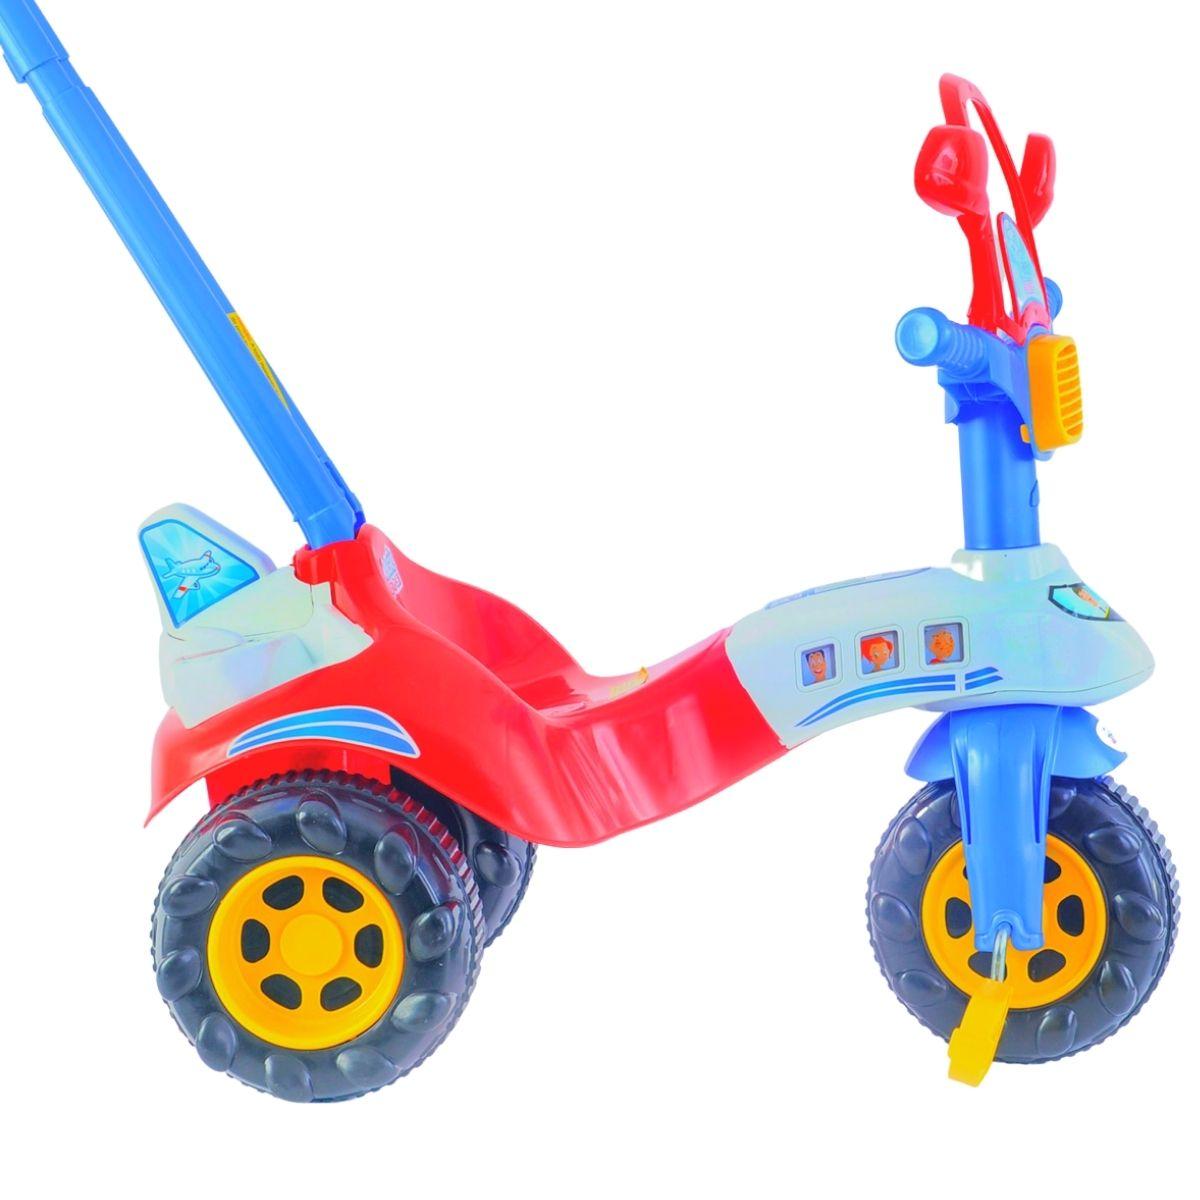 Triciclo Infantill Motoca Red Avião Tico Tico Vermelho e Azul